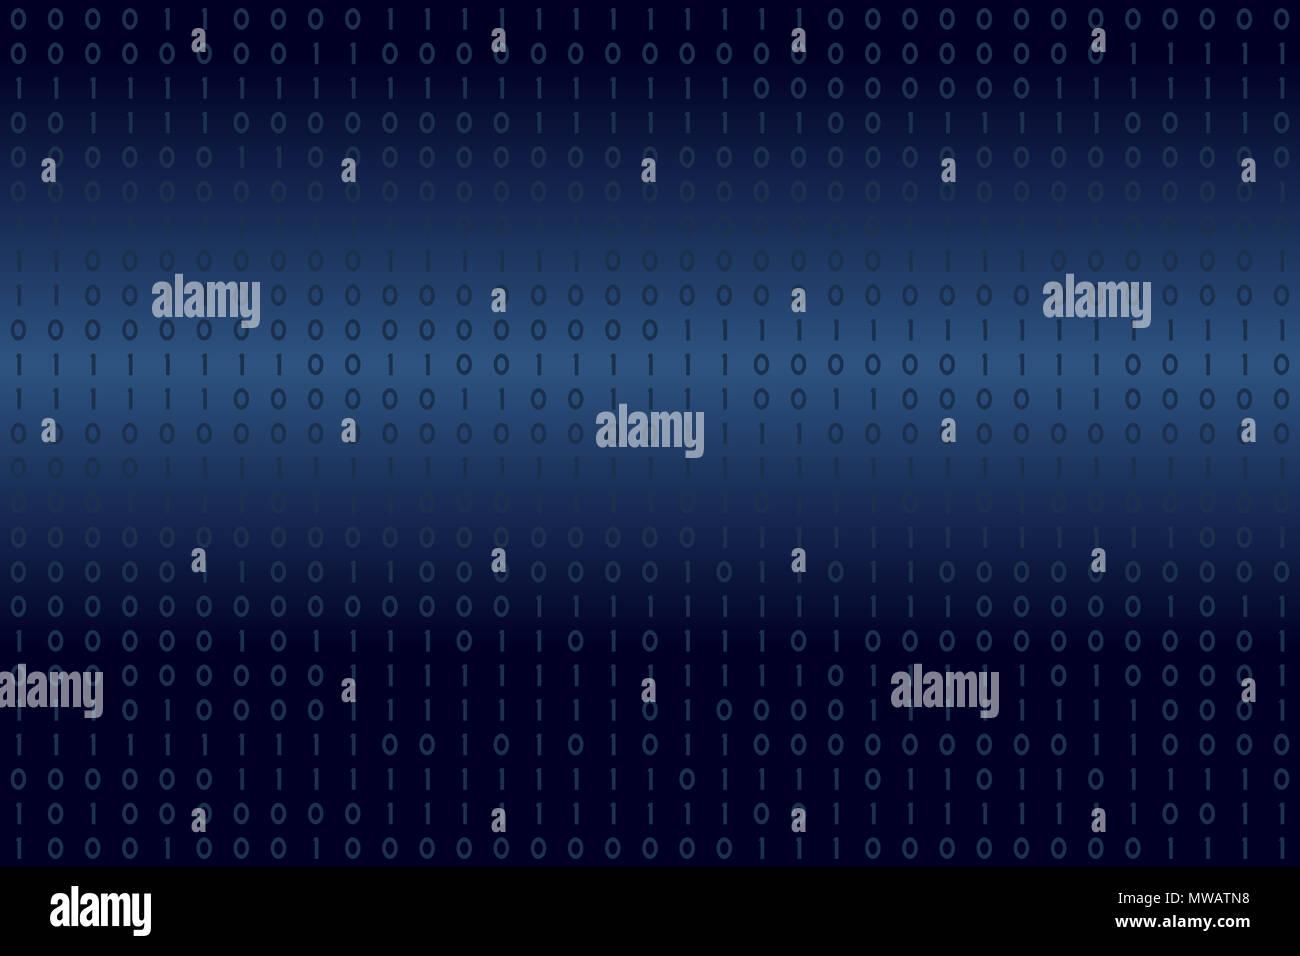 Dati binari digitali su blu e bianco gradiente dello sfondo. Moderno, scienza, tecnologia, computer virus, pirateria, rete nel cyberspazio concetti. Immagini Stock